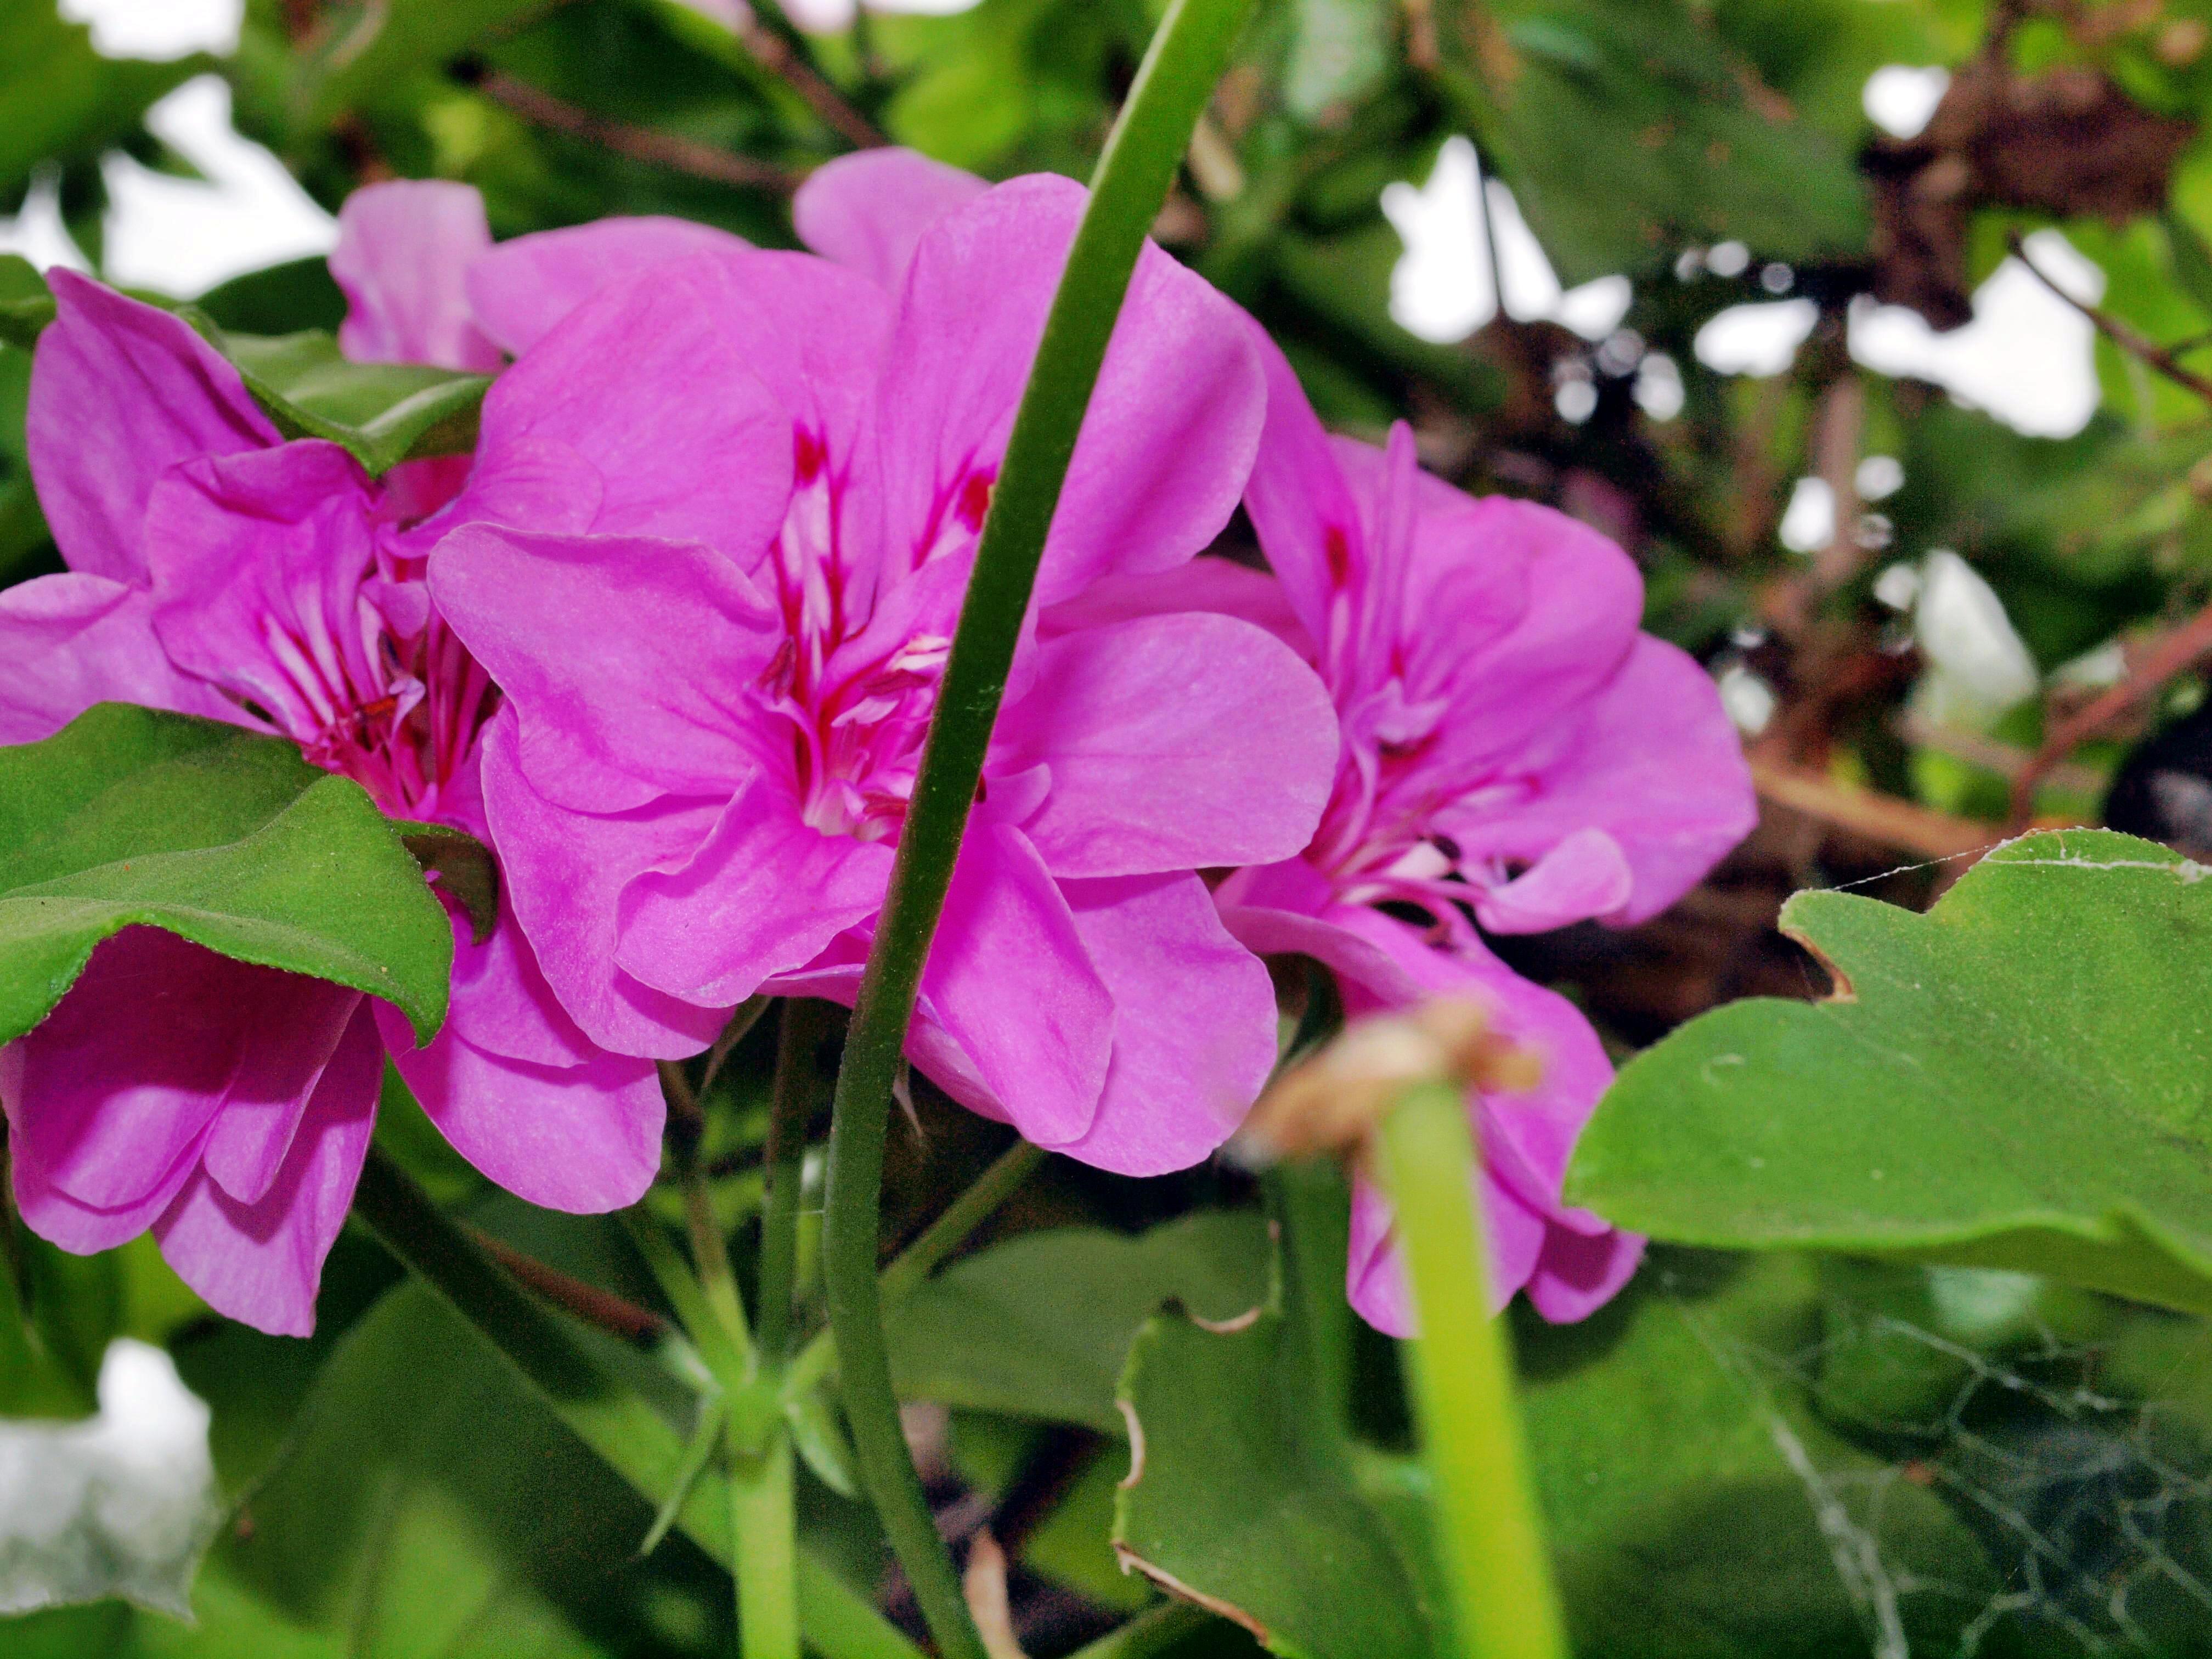 Pelargonium-8.jpeg